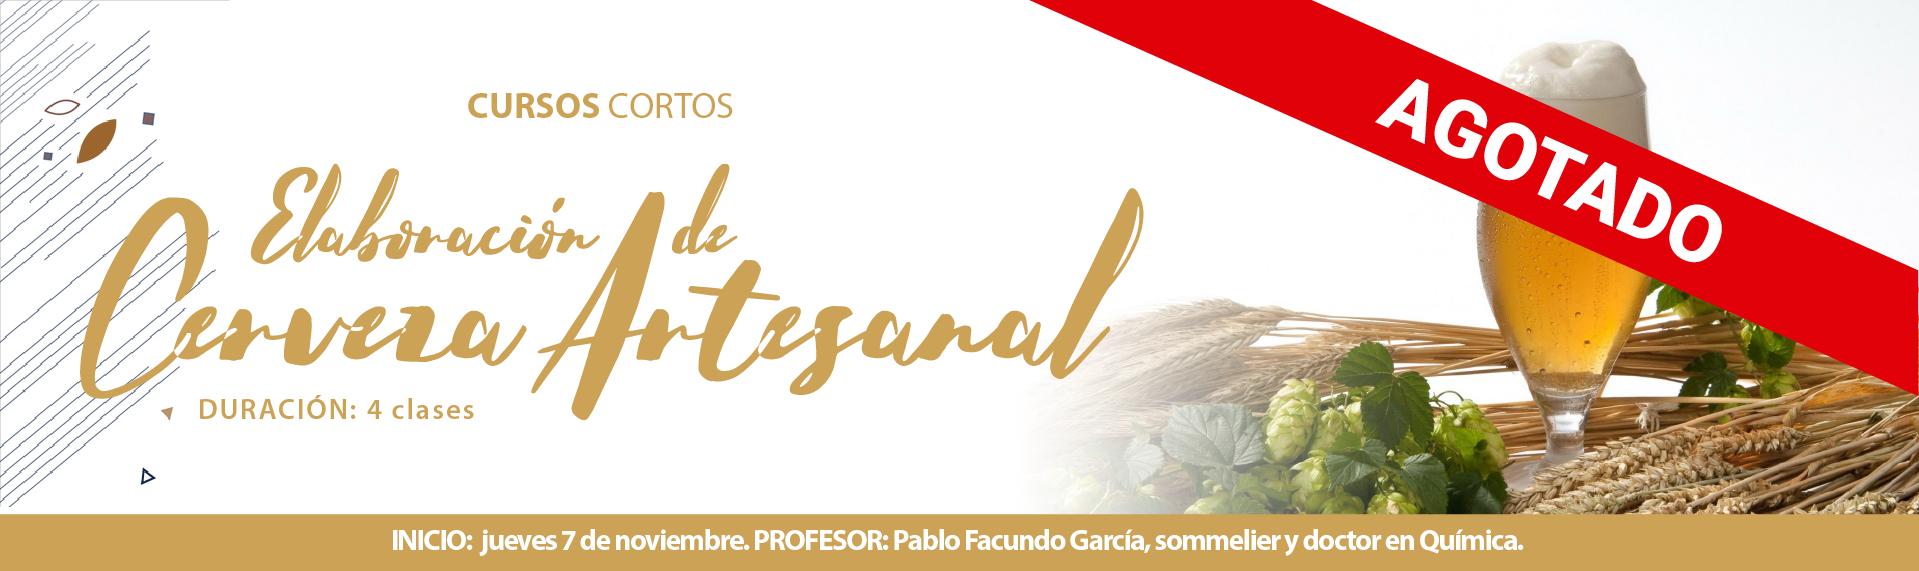 CervezaArtesanal-3 AGOTADO-02